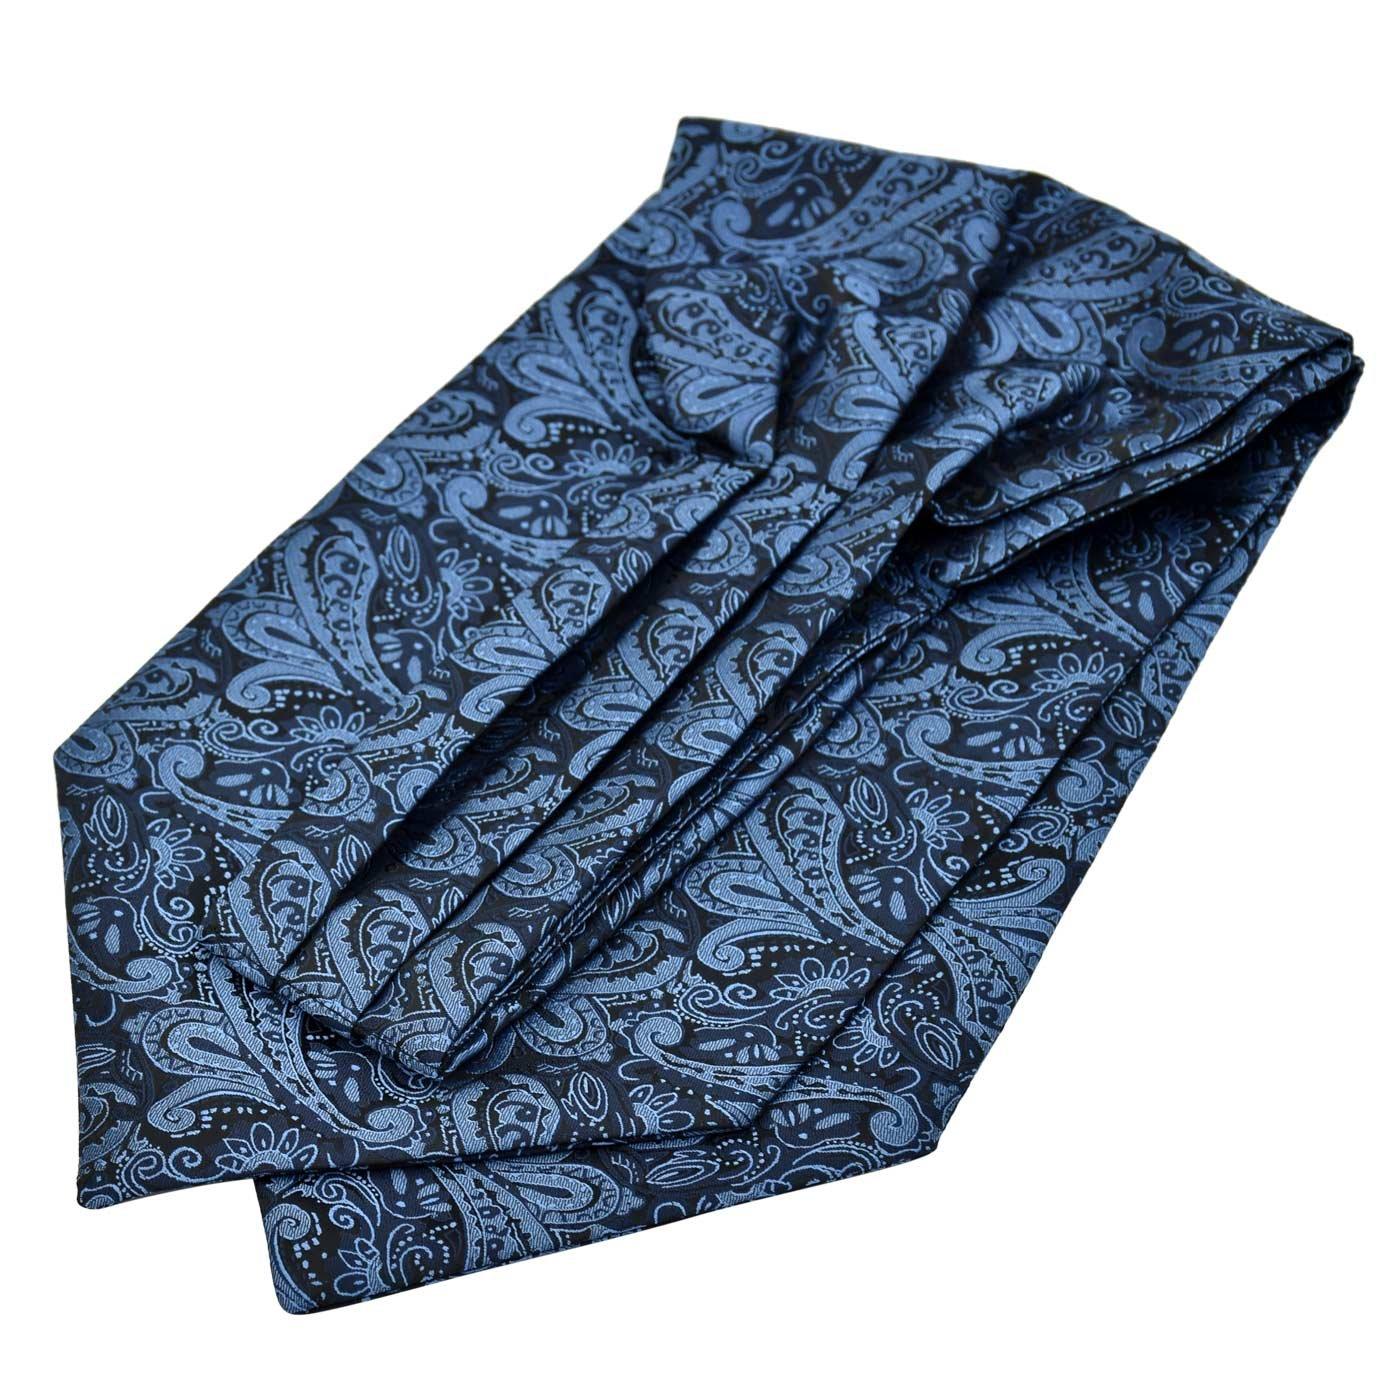 Panegy Herren Krawattenschal Ascotkrawatte Schal Fashion Gentleman Cravat Ties Blau